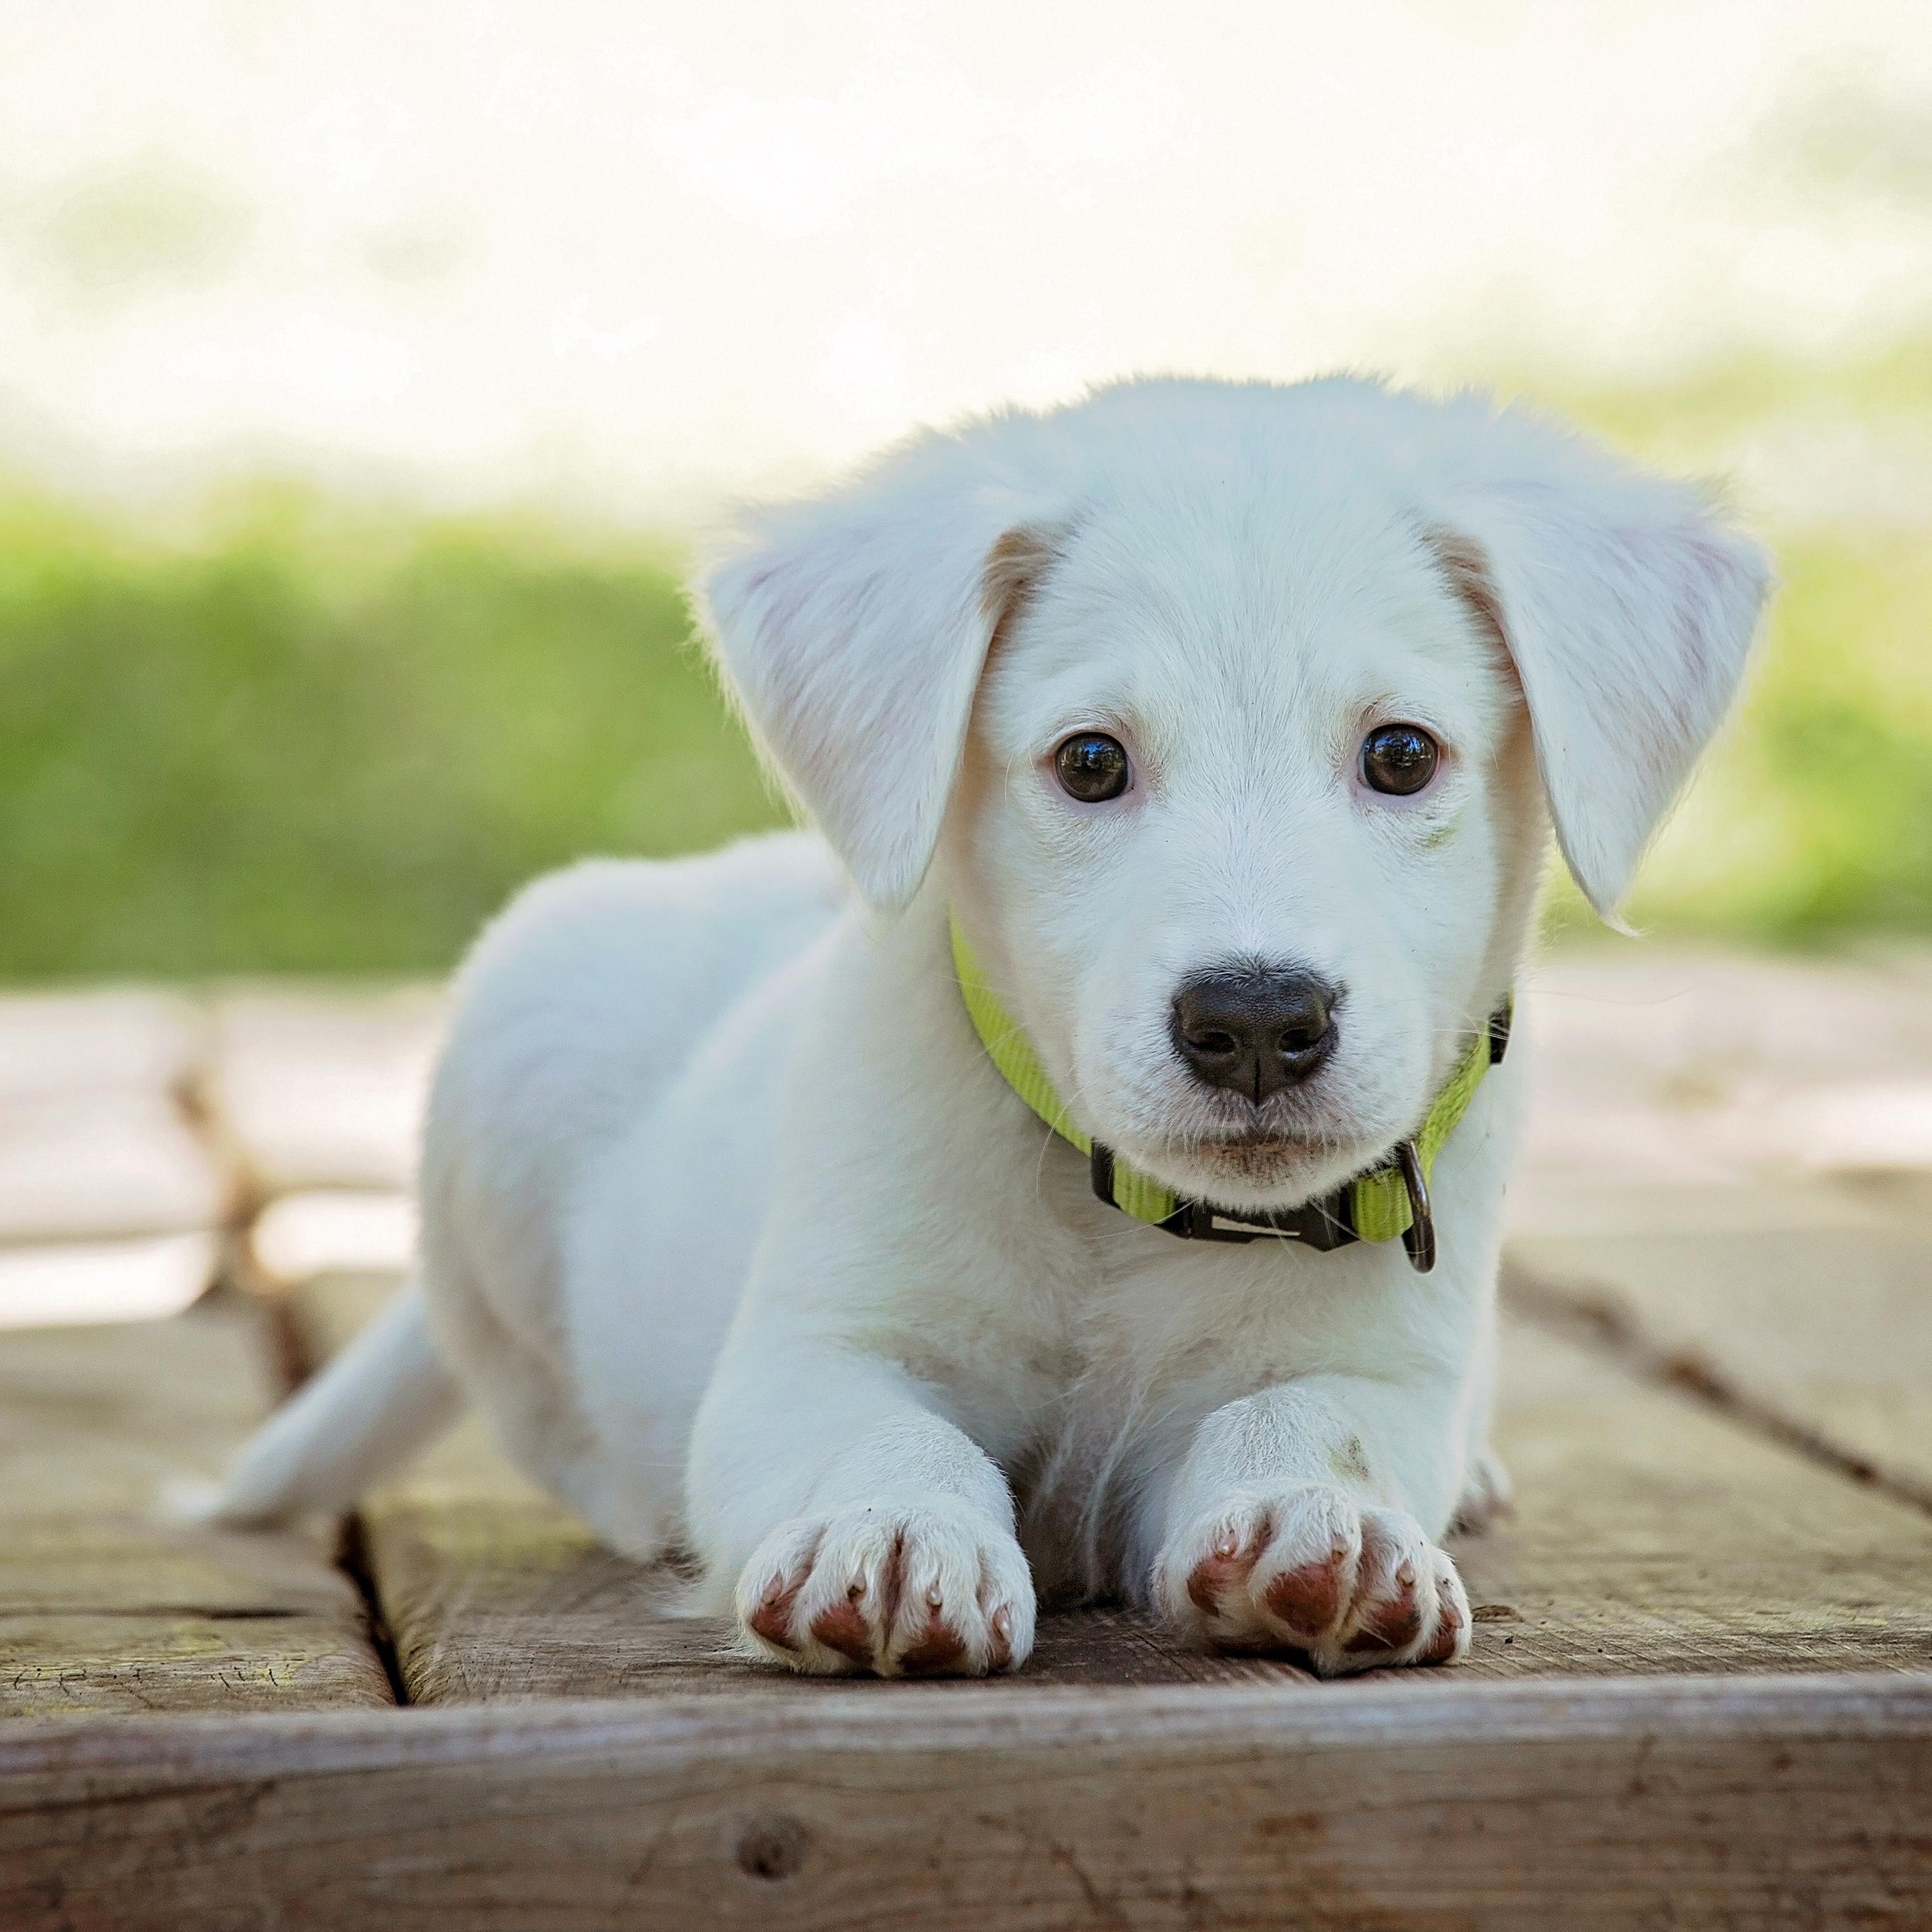 动物 宠物 动物 可爱 白 可爱的 狗宝宝